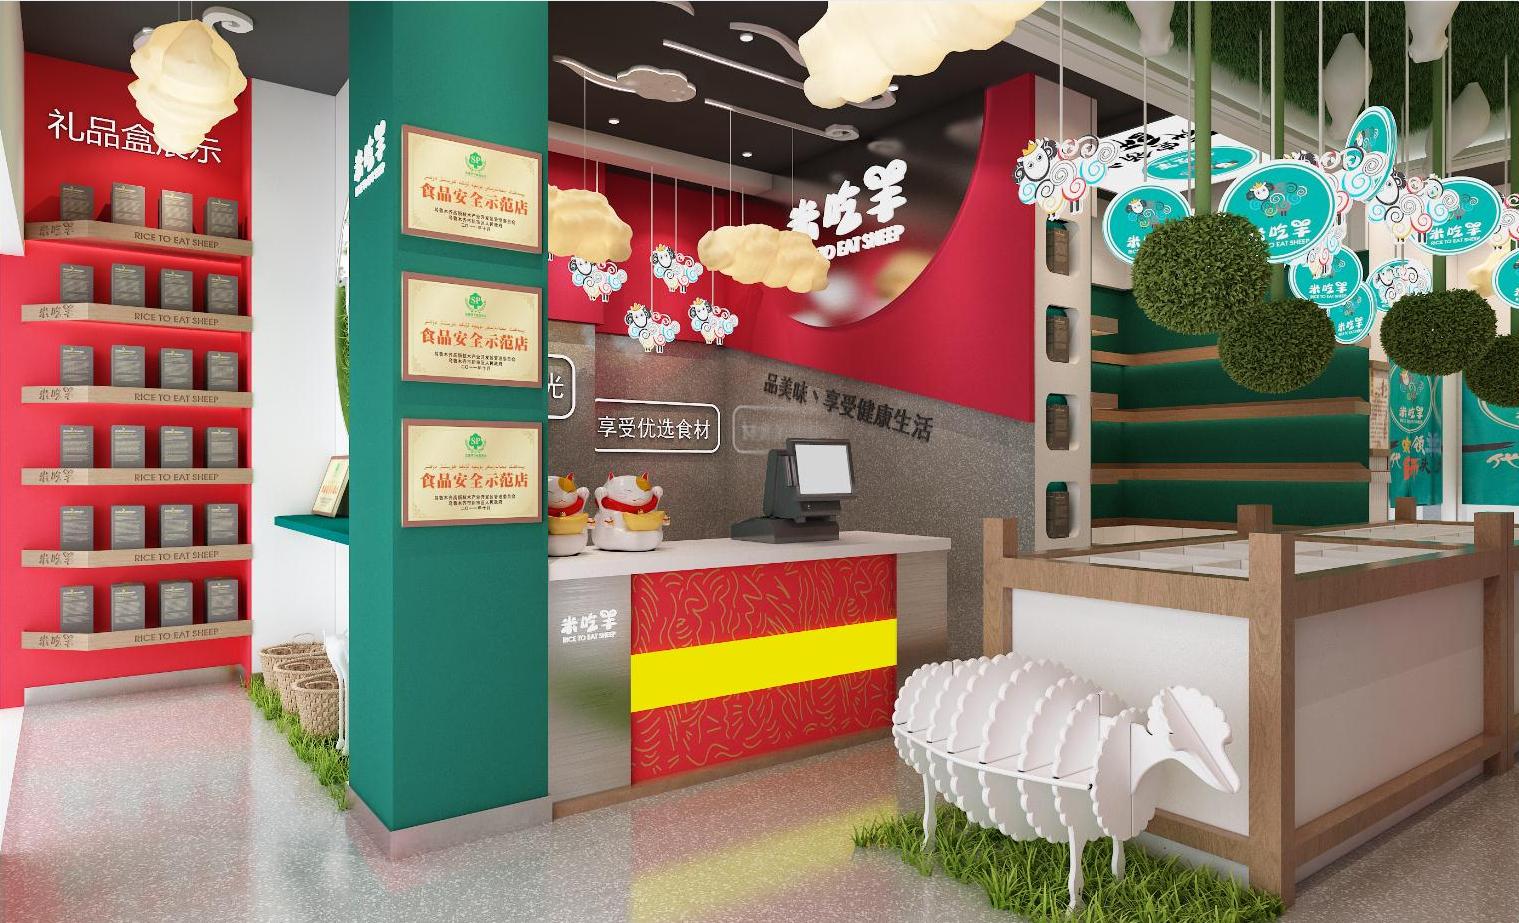 米吃羊火锅烧烤超市,新品一站式购买齐全,新生活新餐饮